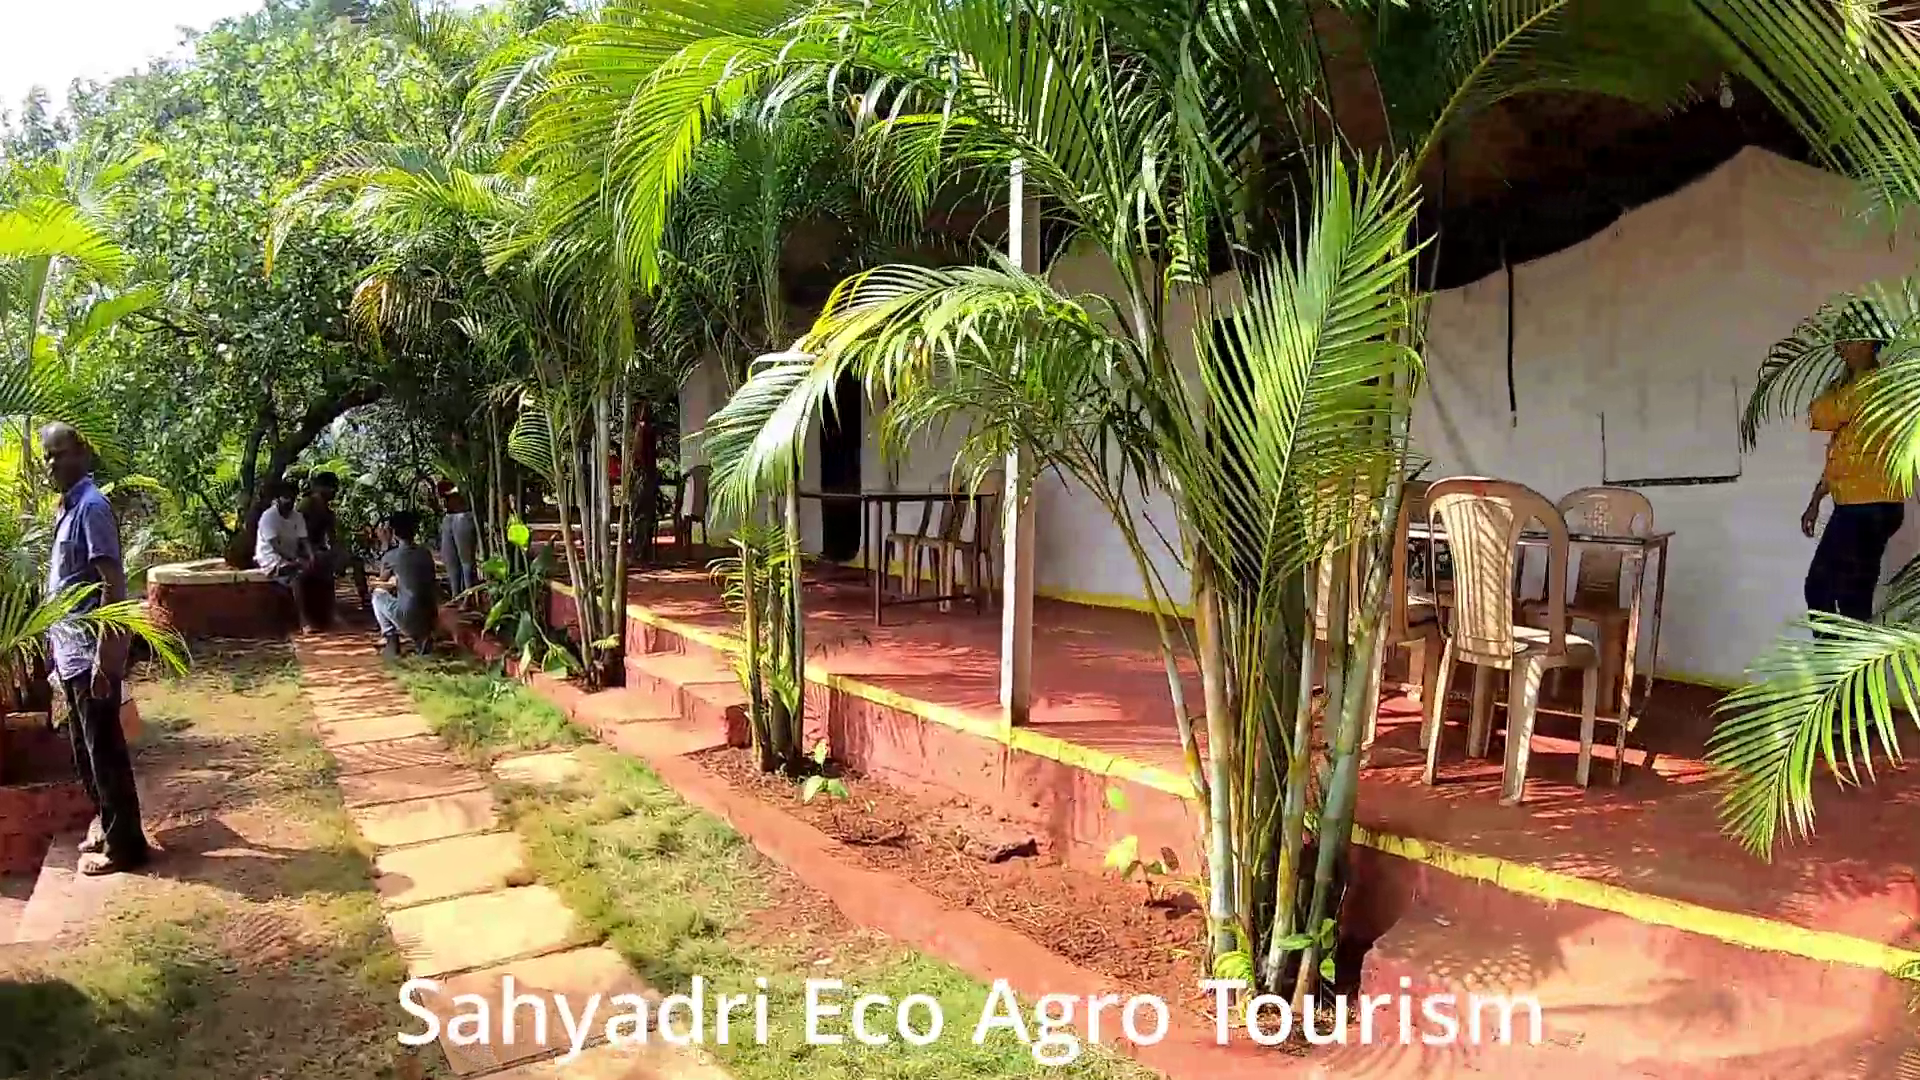 Tapola Eco & Agro Tourism